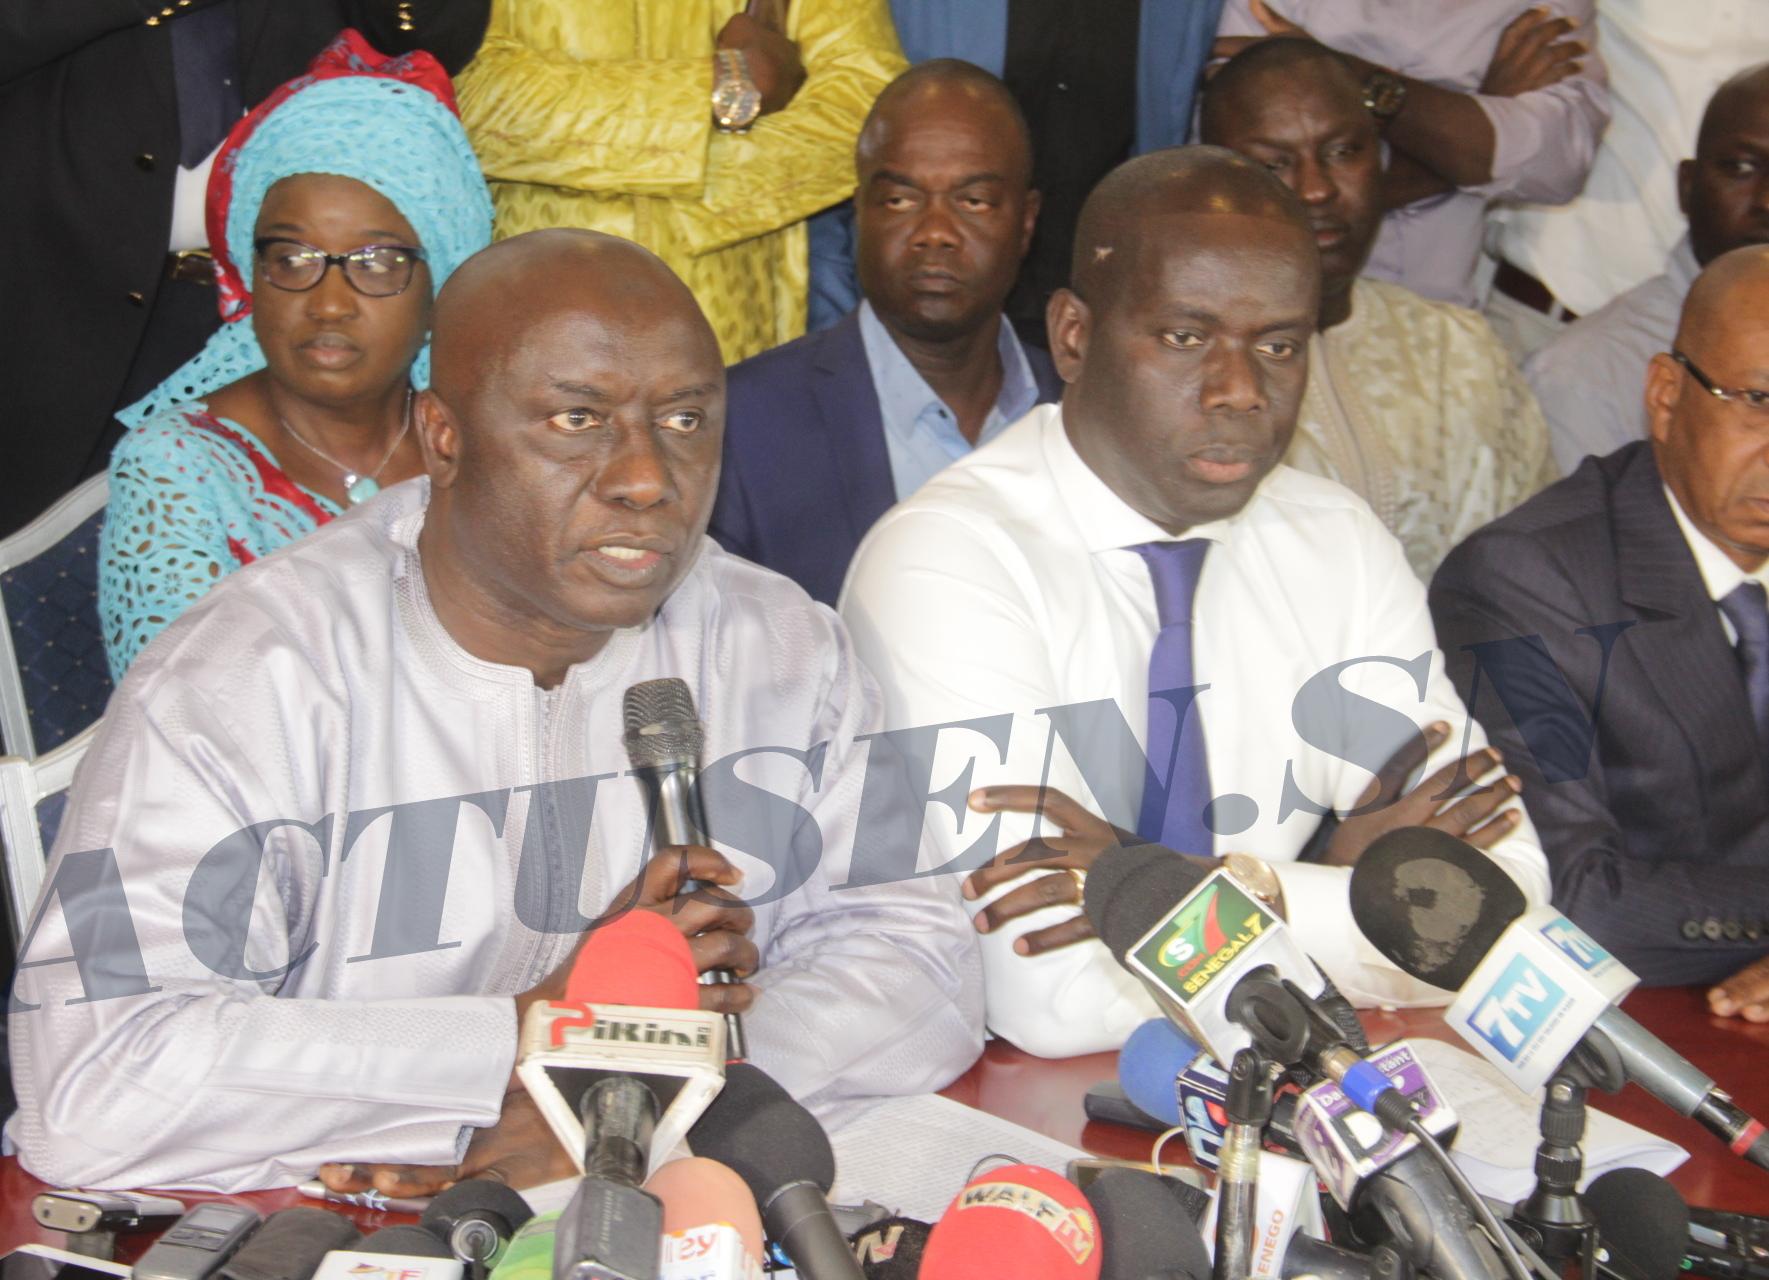 Idrissa Seck: «Avec responsabilité, fermeté et détermination, nous entendons rester mobilisés pour la prise en charge de ce désir de changement devant des acquis démocratiques de notre peuple»